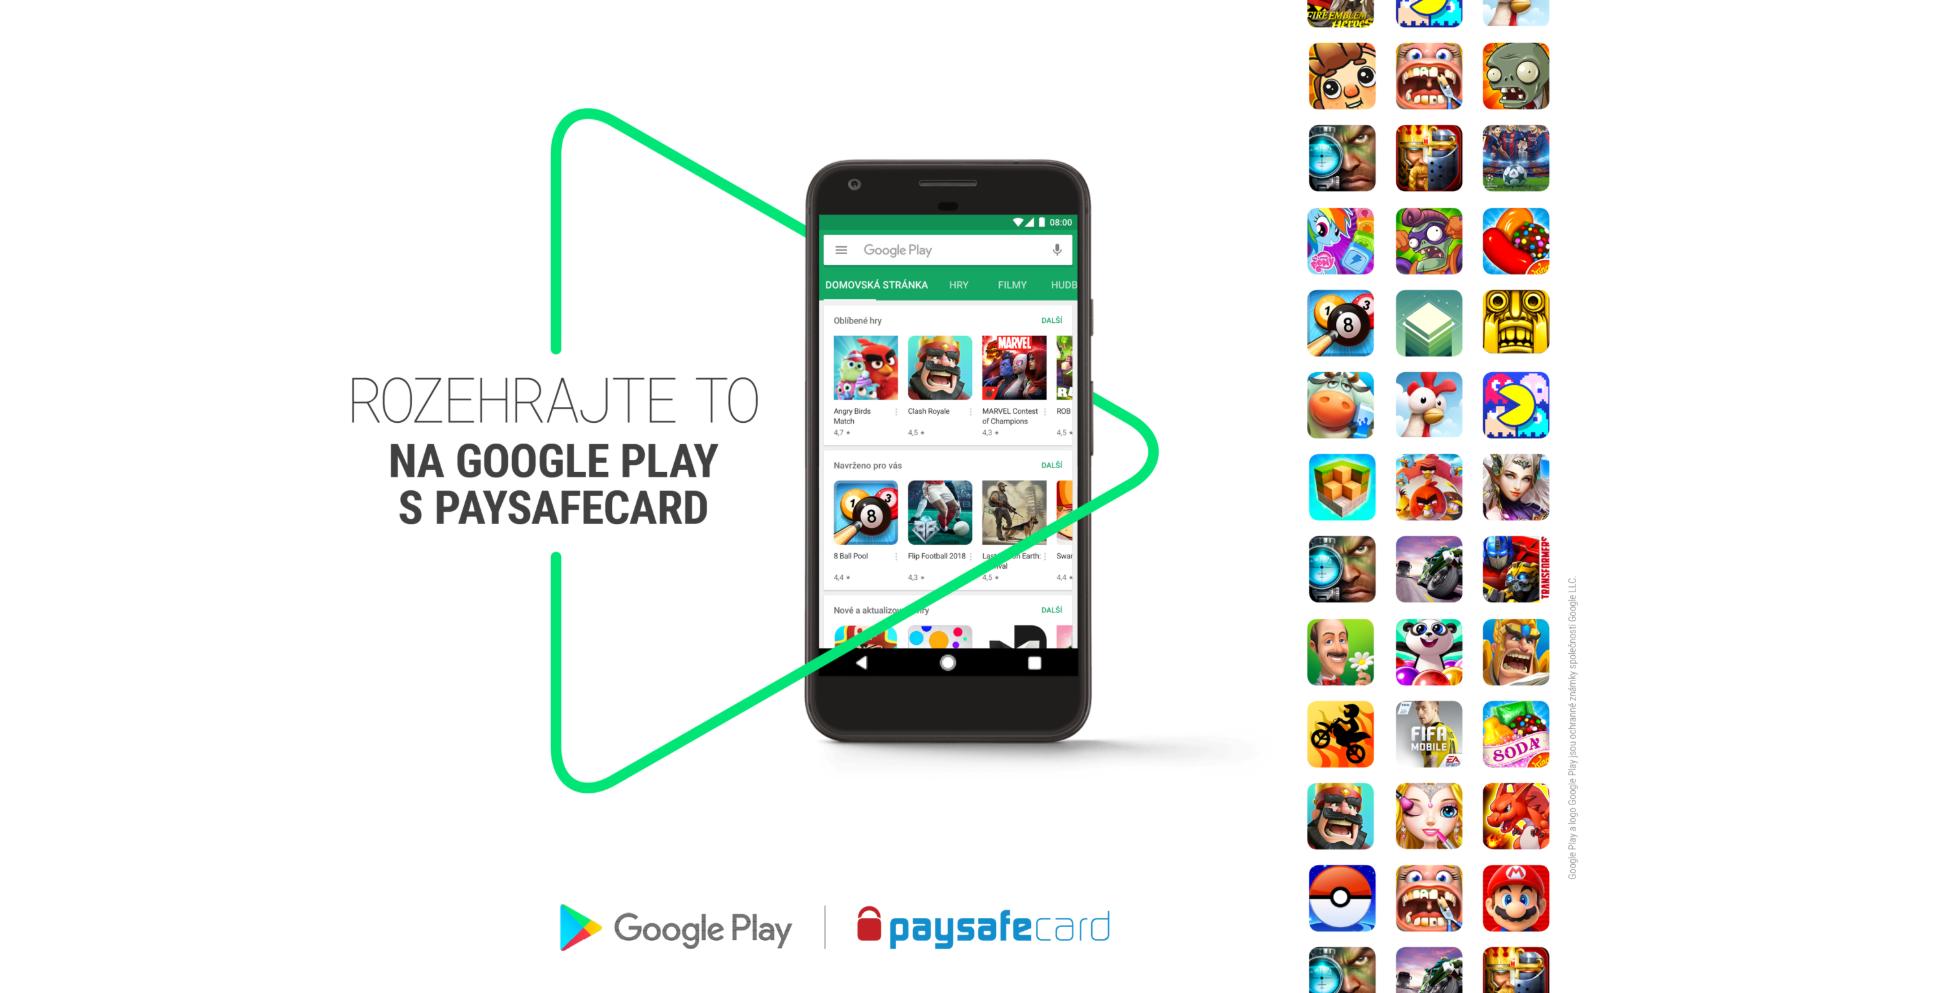 Obchod Play podporuje Paysafecard